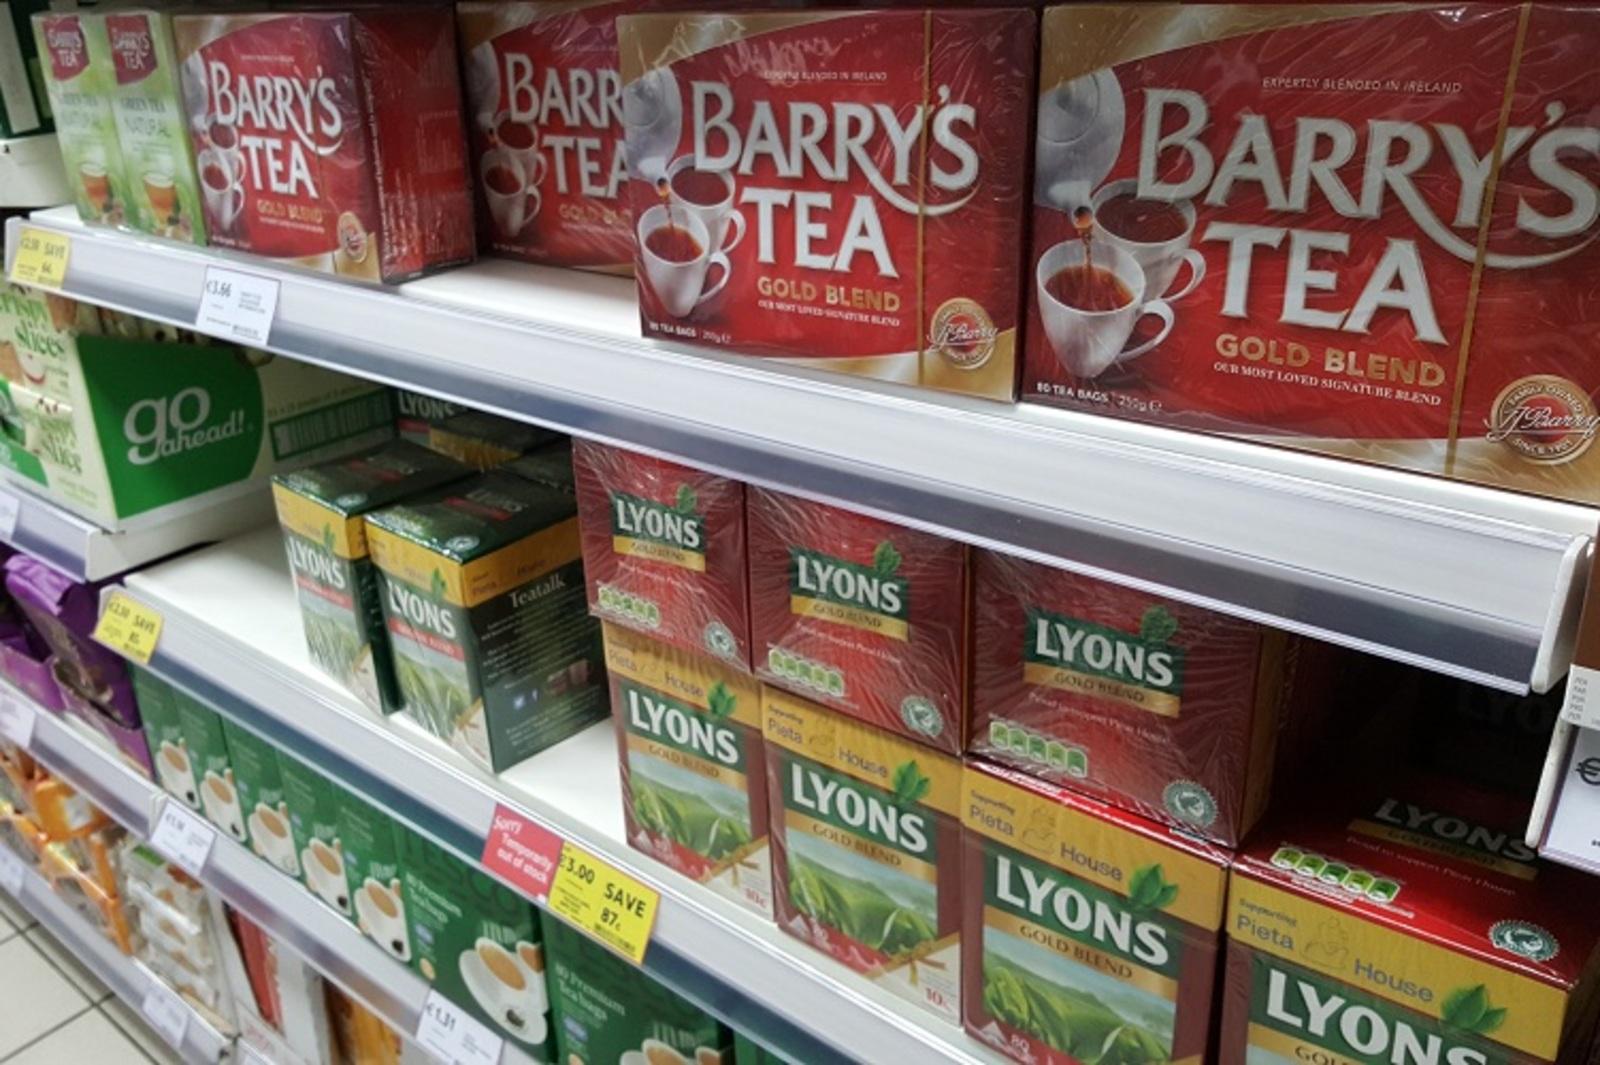 Where Do Barry's Tea and Lyons Get Their Tea From? | Dublin